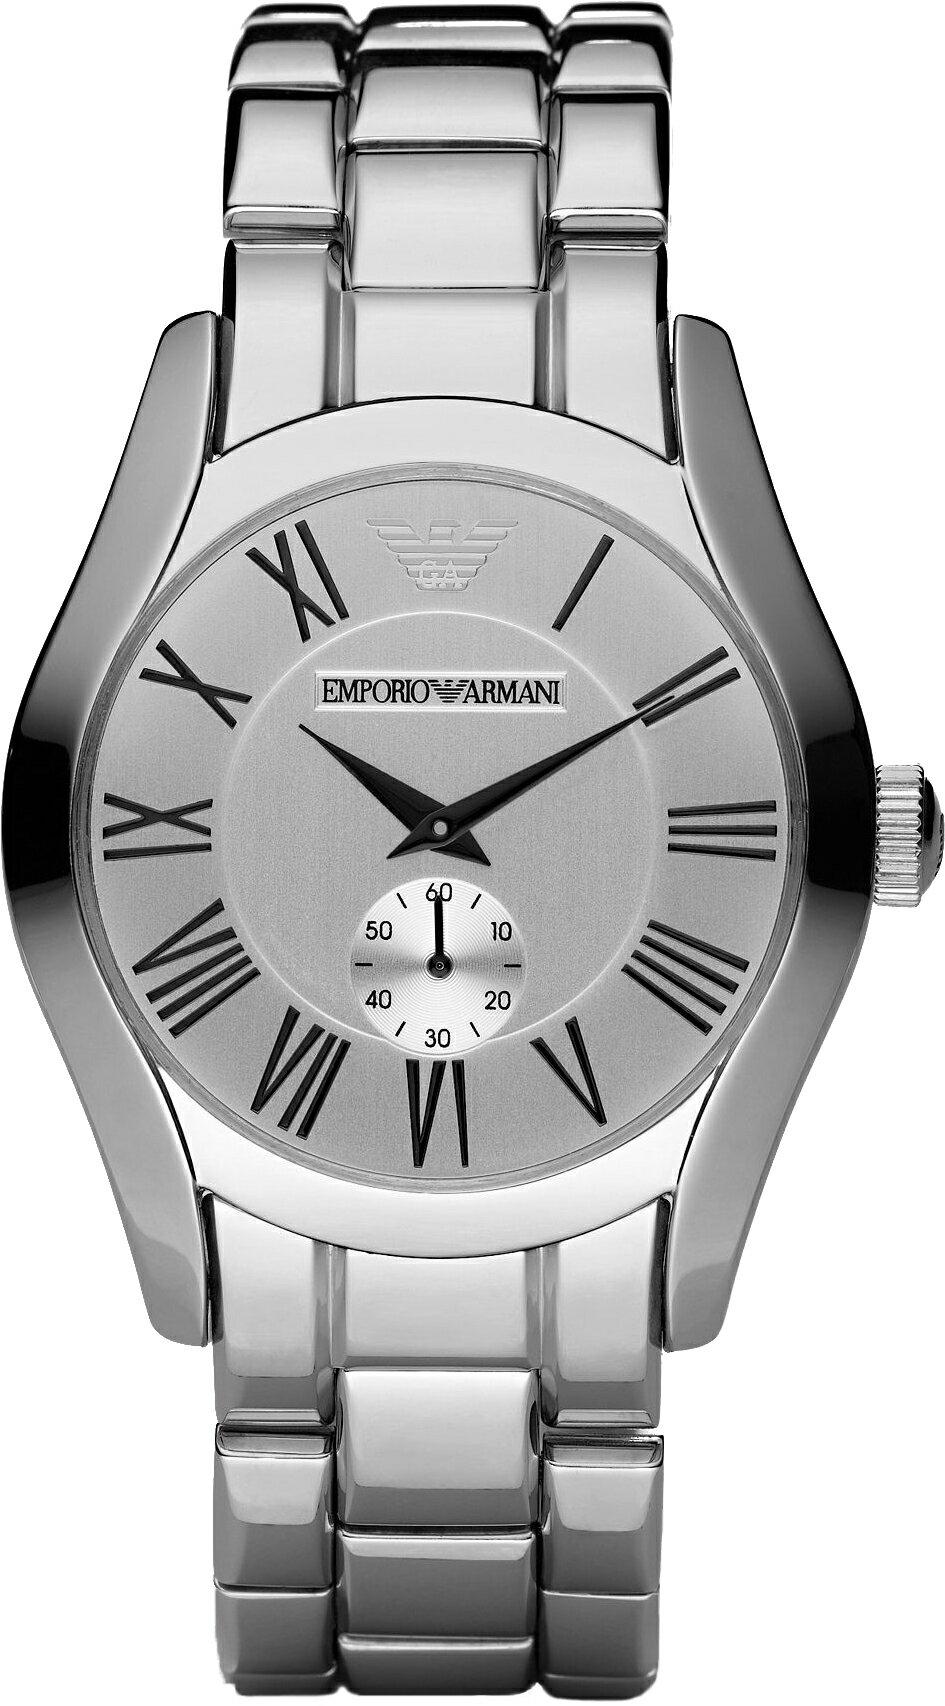 美國百分百【Emporio Armani】配件 手錶 腕錶 男錶 石英 品味 時尚 不鏽鋼 老鷹 計時 銀色 E530